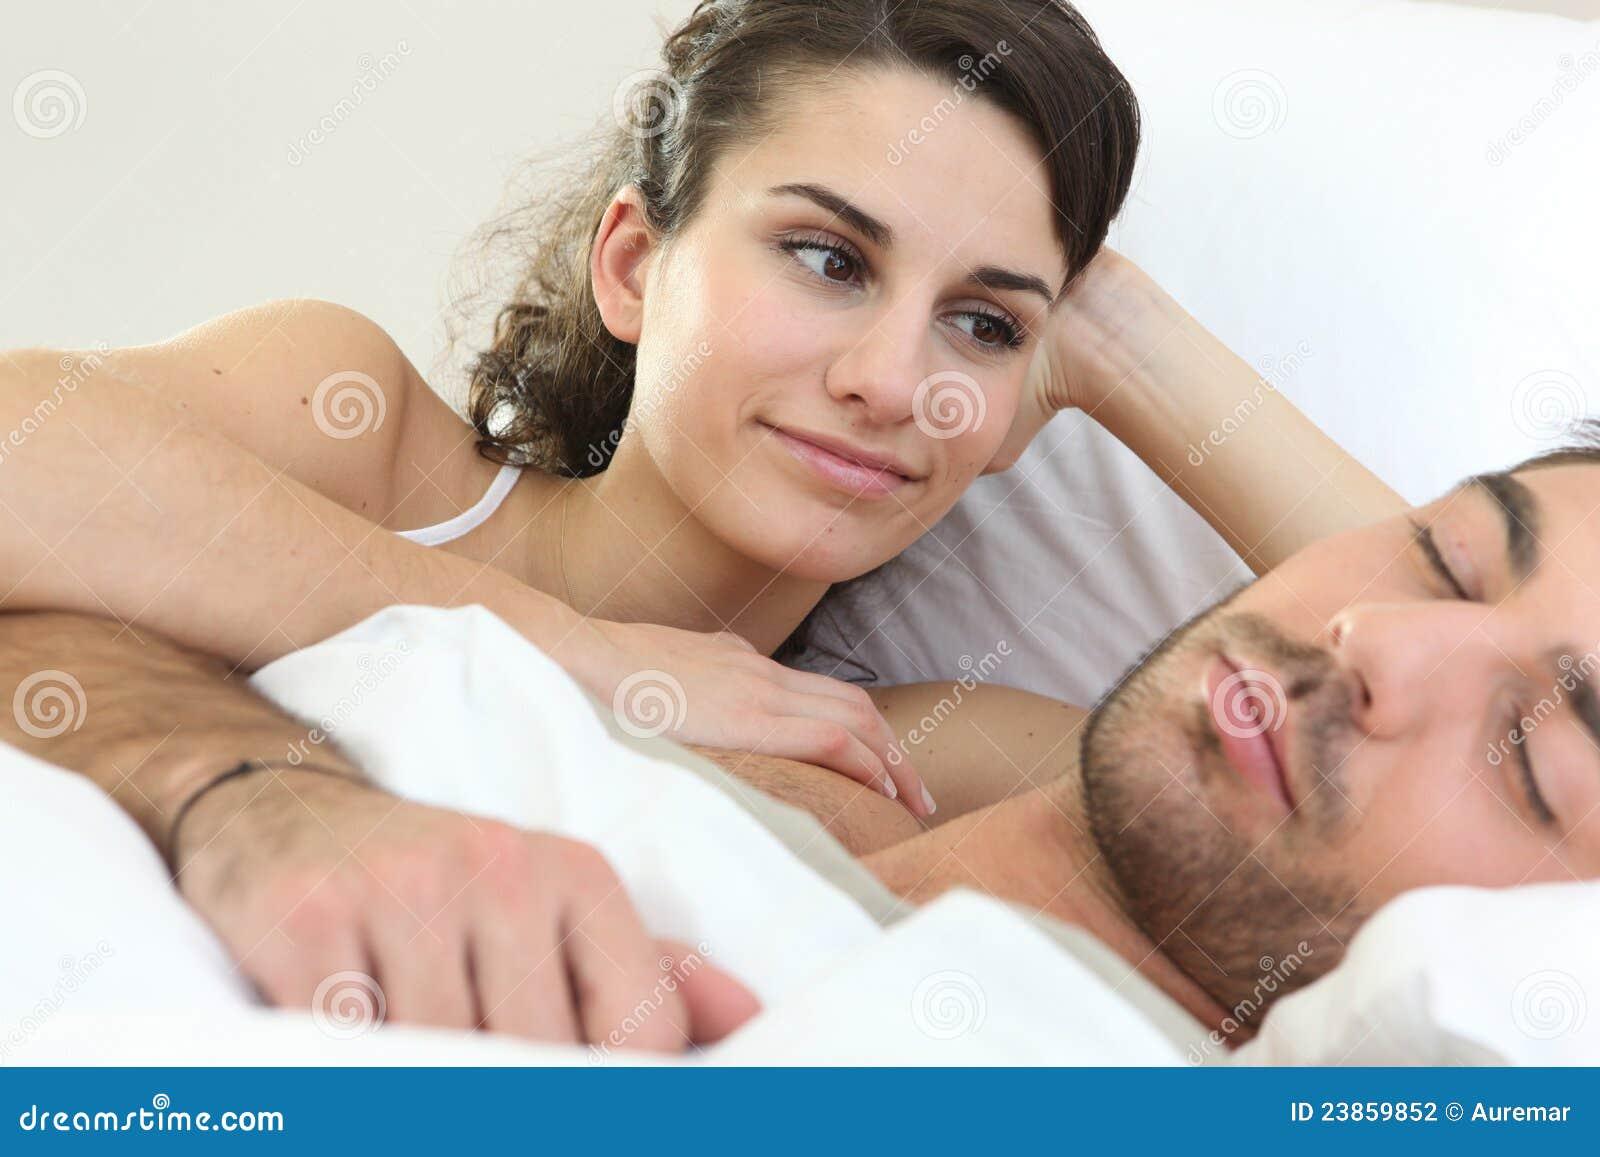 Whach sex